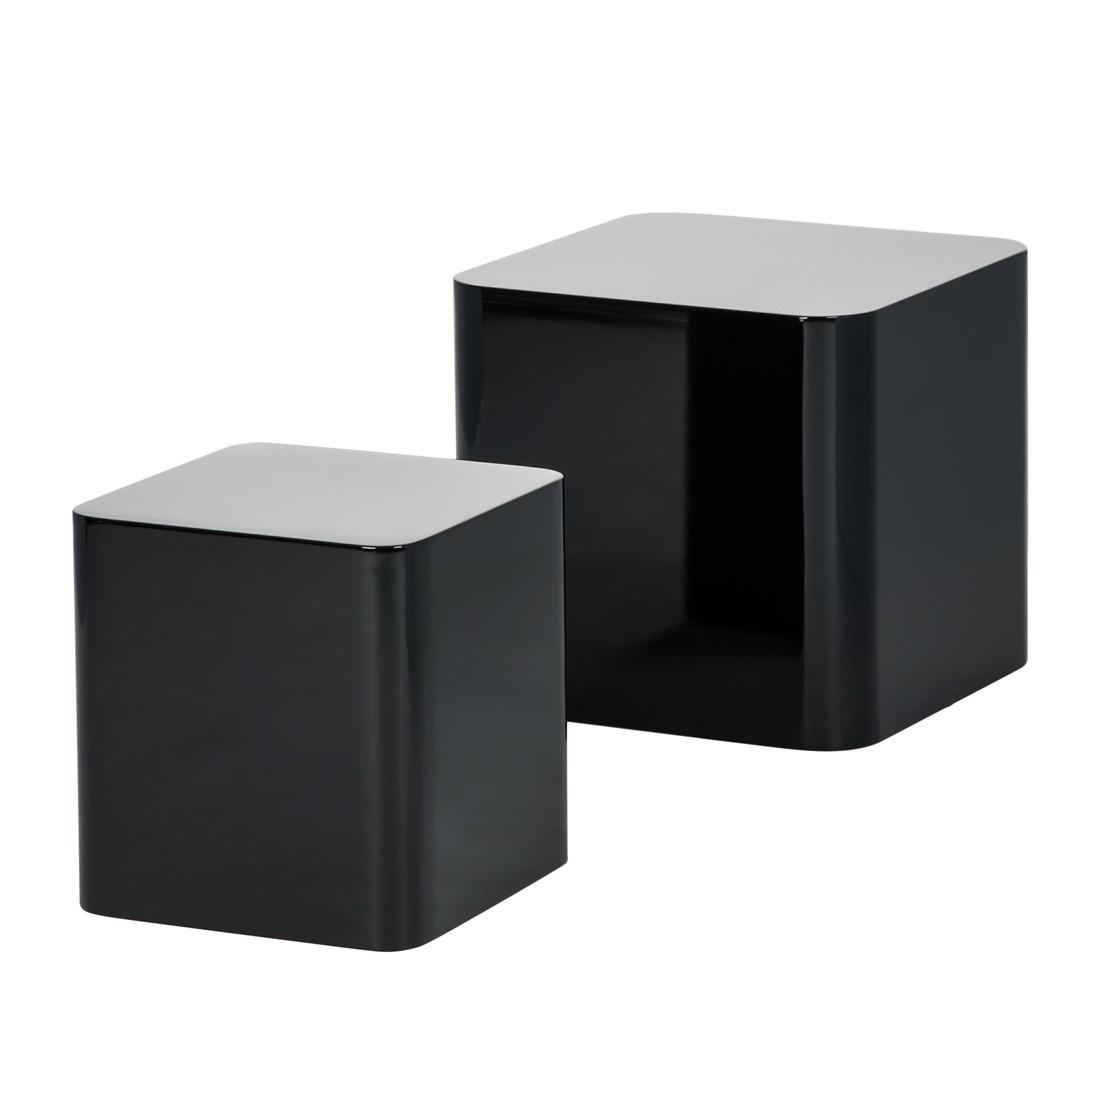 beistelltisch cowboy furnlab jetzt kaufen. Black Bedroom Furniture Sets. Home Design Ideas